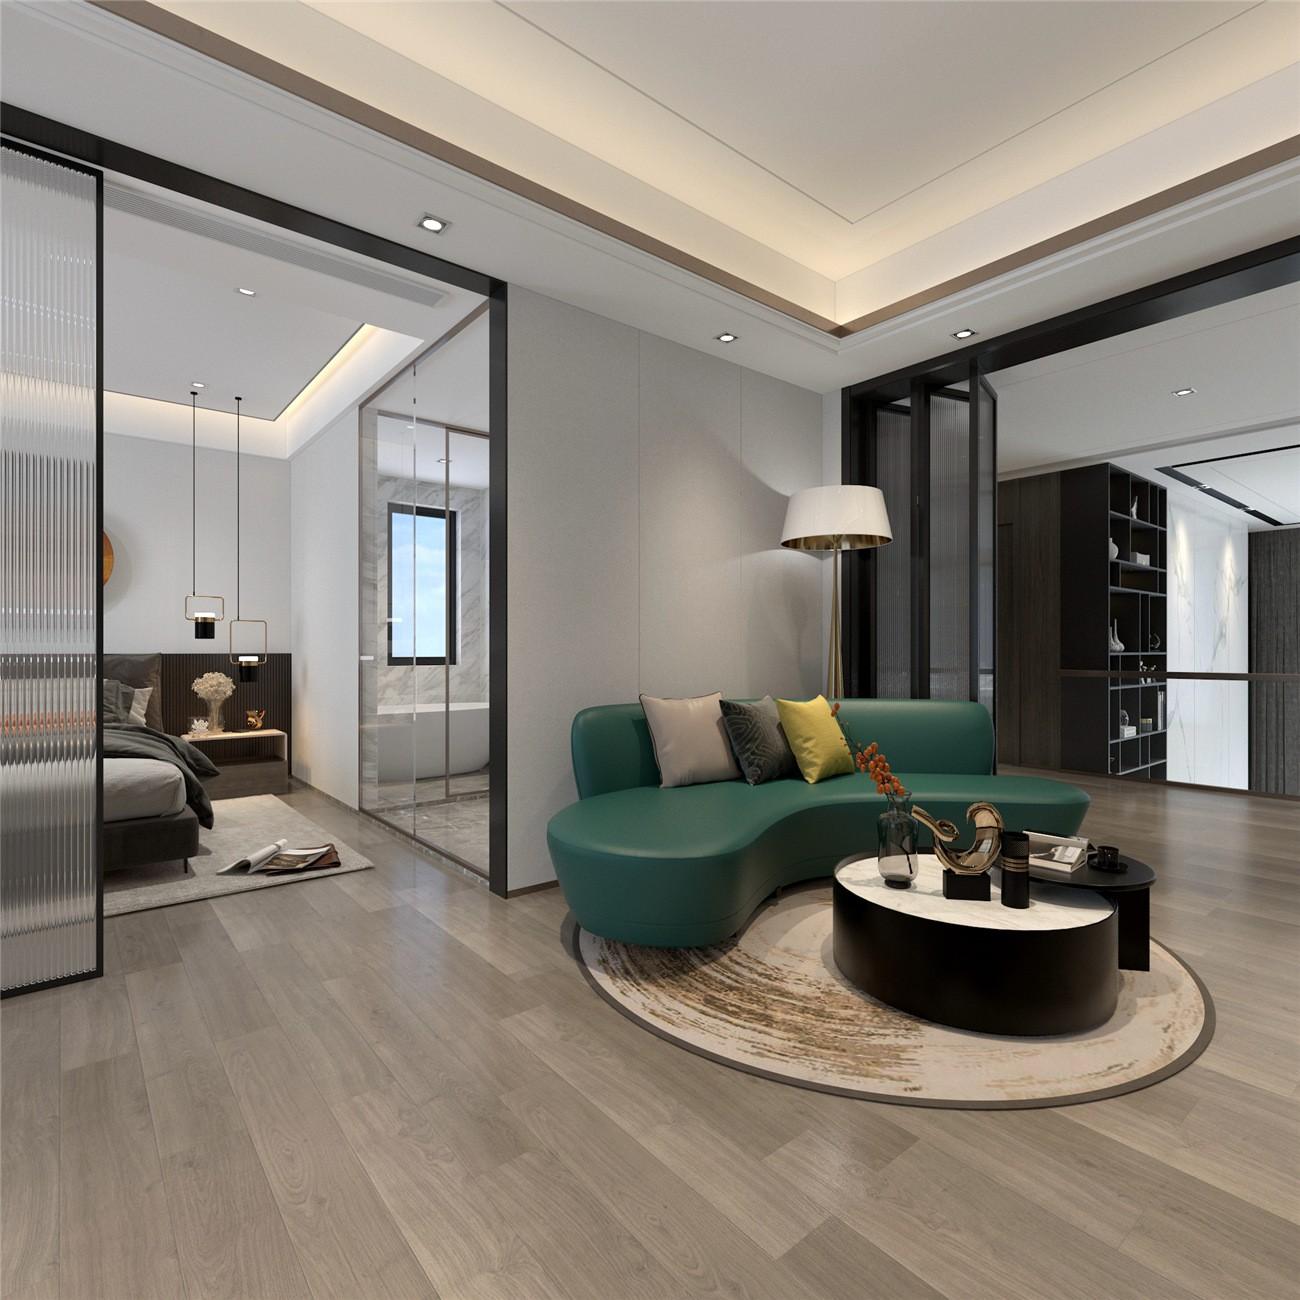 2020中式起居室裝修設計 2020中式背景墻裝修設計圖片